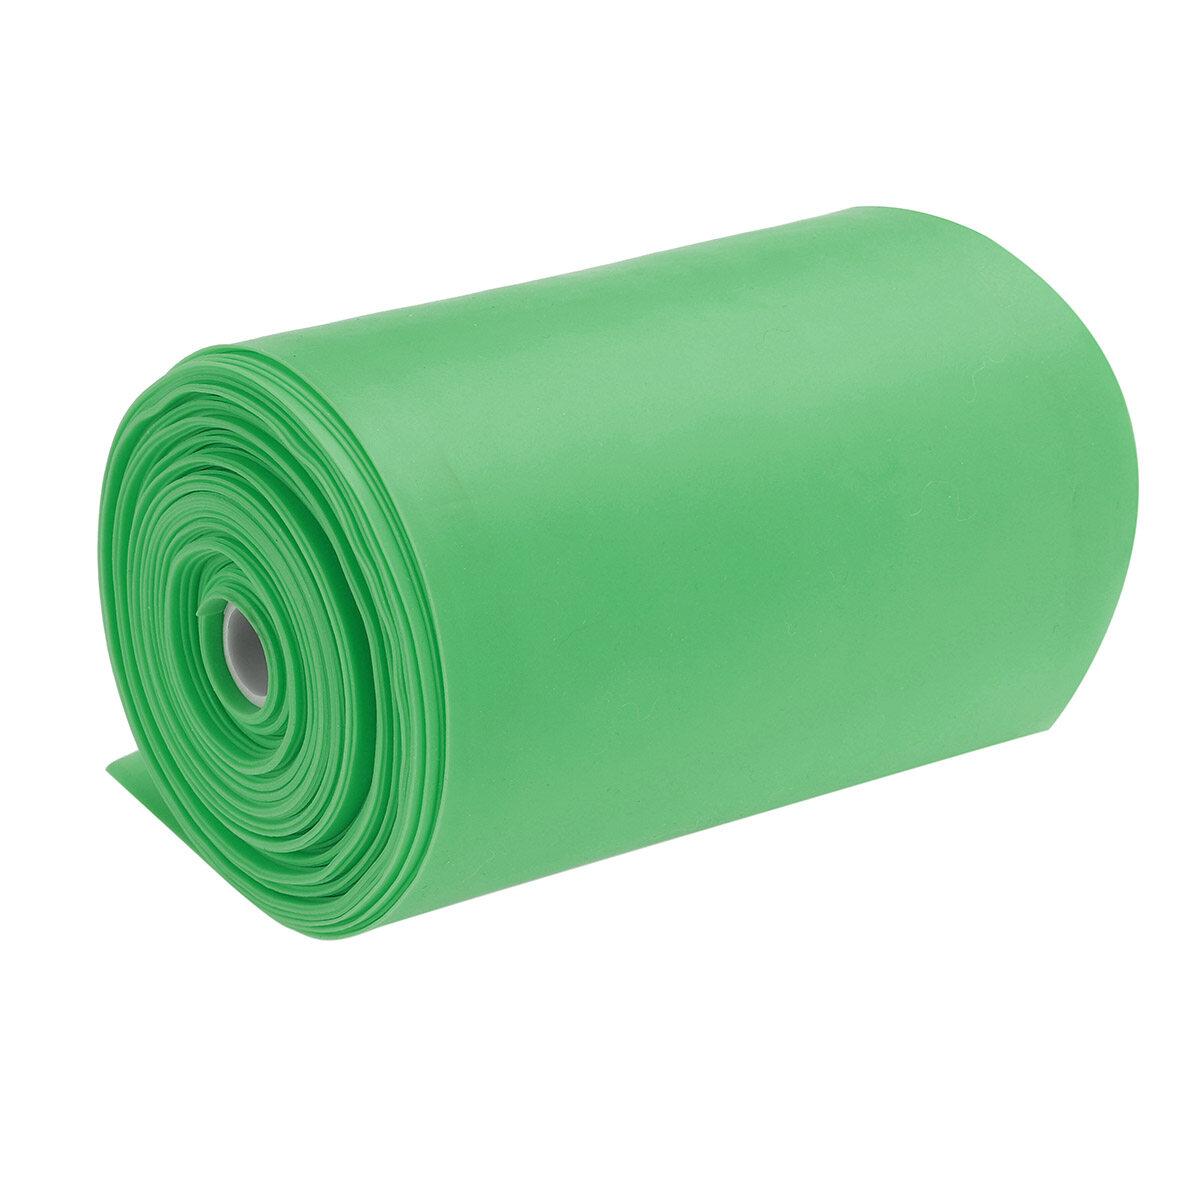 Bảng giá 15M * 15 Cm Tập Gym TPE Tập Thể Dục Pilates Thể Dục Thể Dục Nhịp Điệu Co Giãn Chống Yoga Ban Nhạc